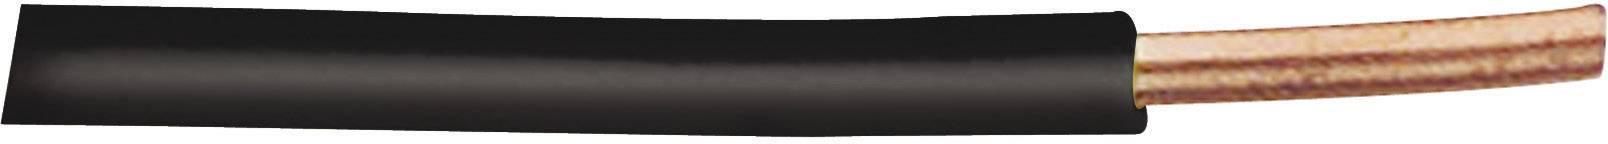 Drátové vedení XBK-Kabel H07V-U, 1x 2,50 mm², PVC, 4 mm², Ø 4,10 mm, 1 m, hnědá